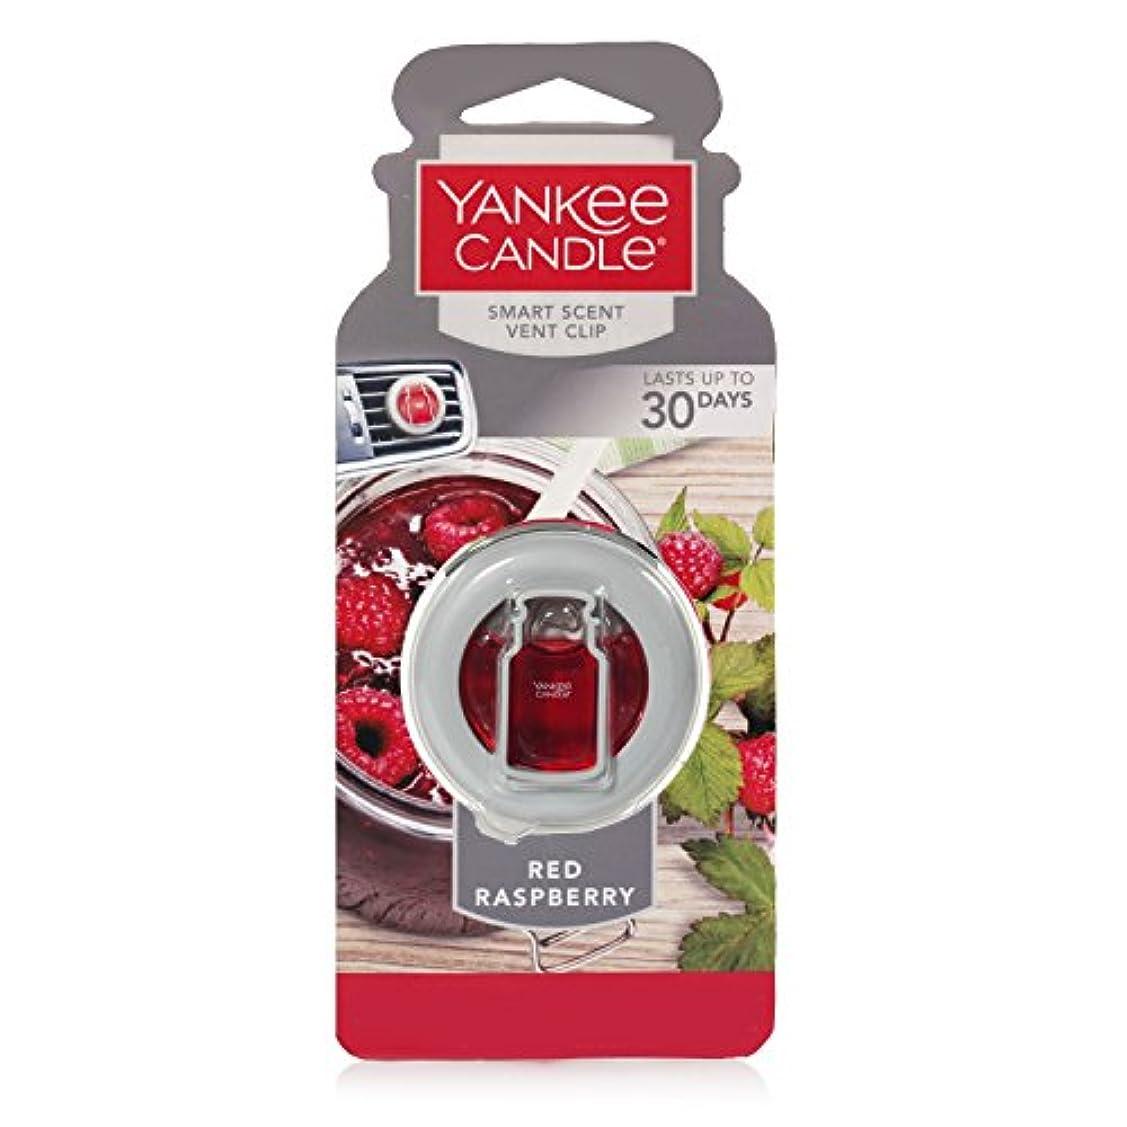 コール進捗温帯Yankee Candleレッドラズベリーティーライトキャンドル、フルーツ香り Smart Scent Car Vent Clip Air Freshener レッド 1333960